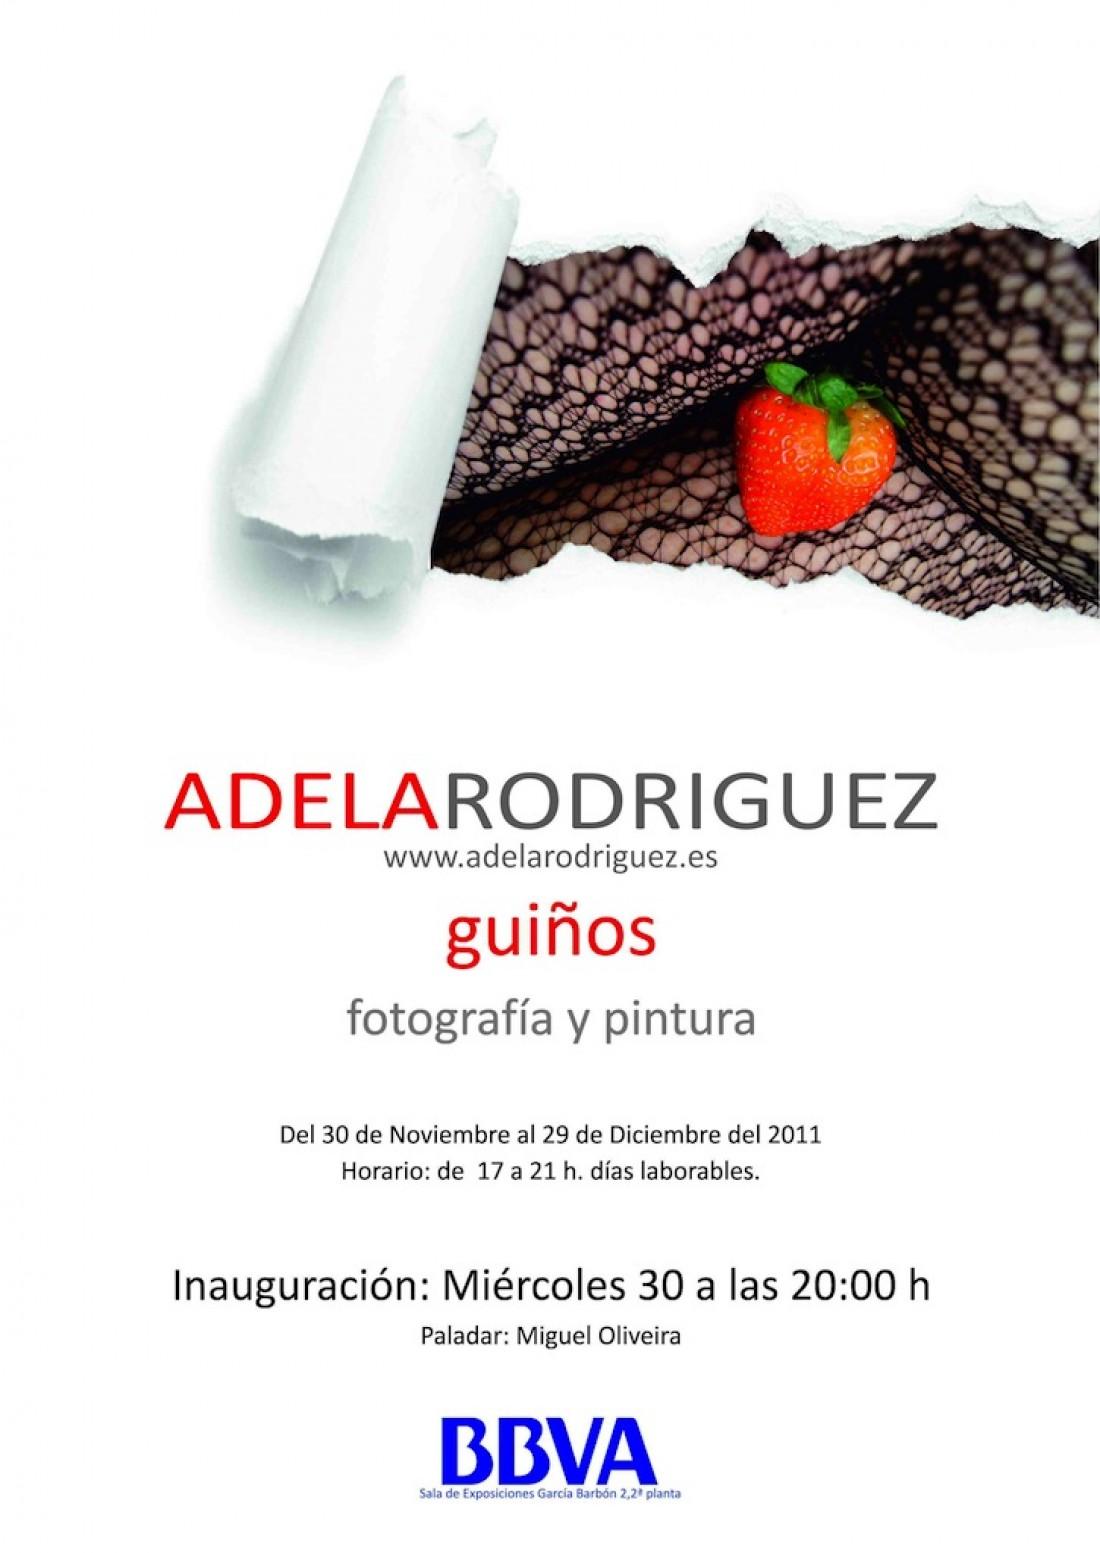 Adela Rodriguez - Exposición Guiños